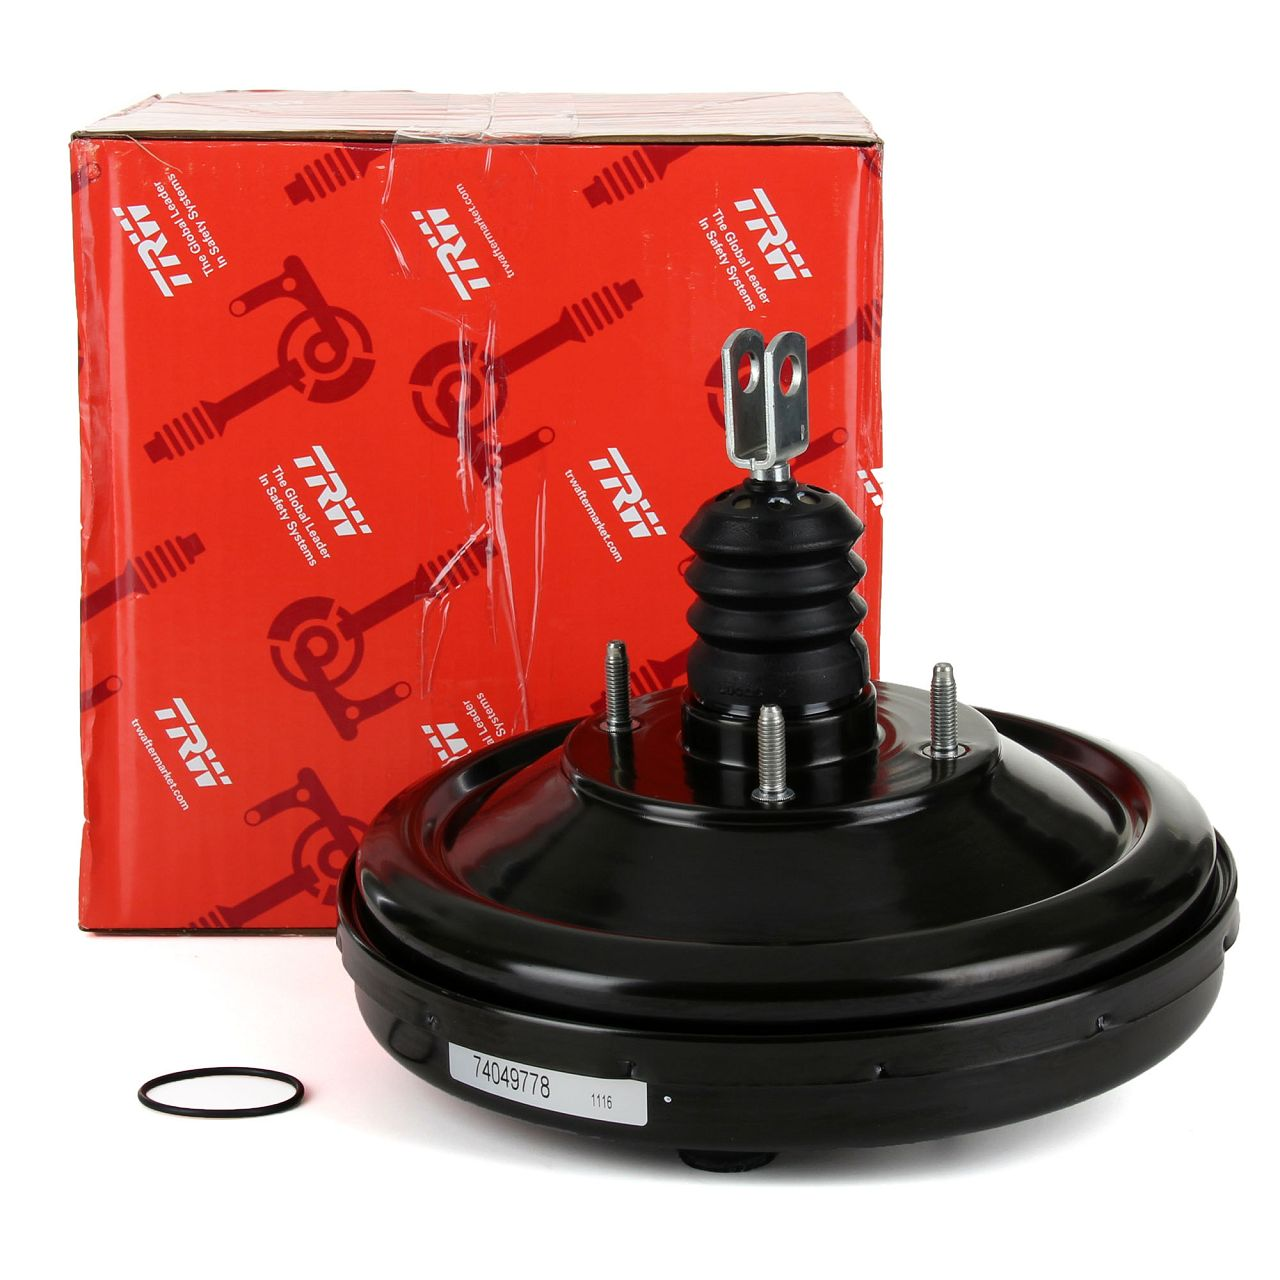 TRW Bremskraftverstärker PSA510 für LAND ROVER DEFENDER (LD) Ø 10 Zoll